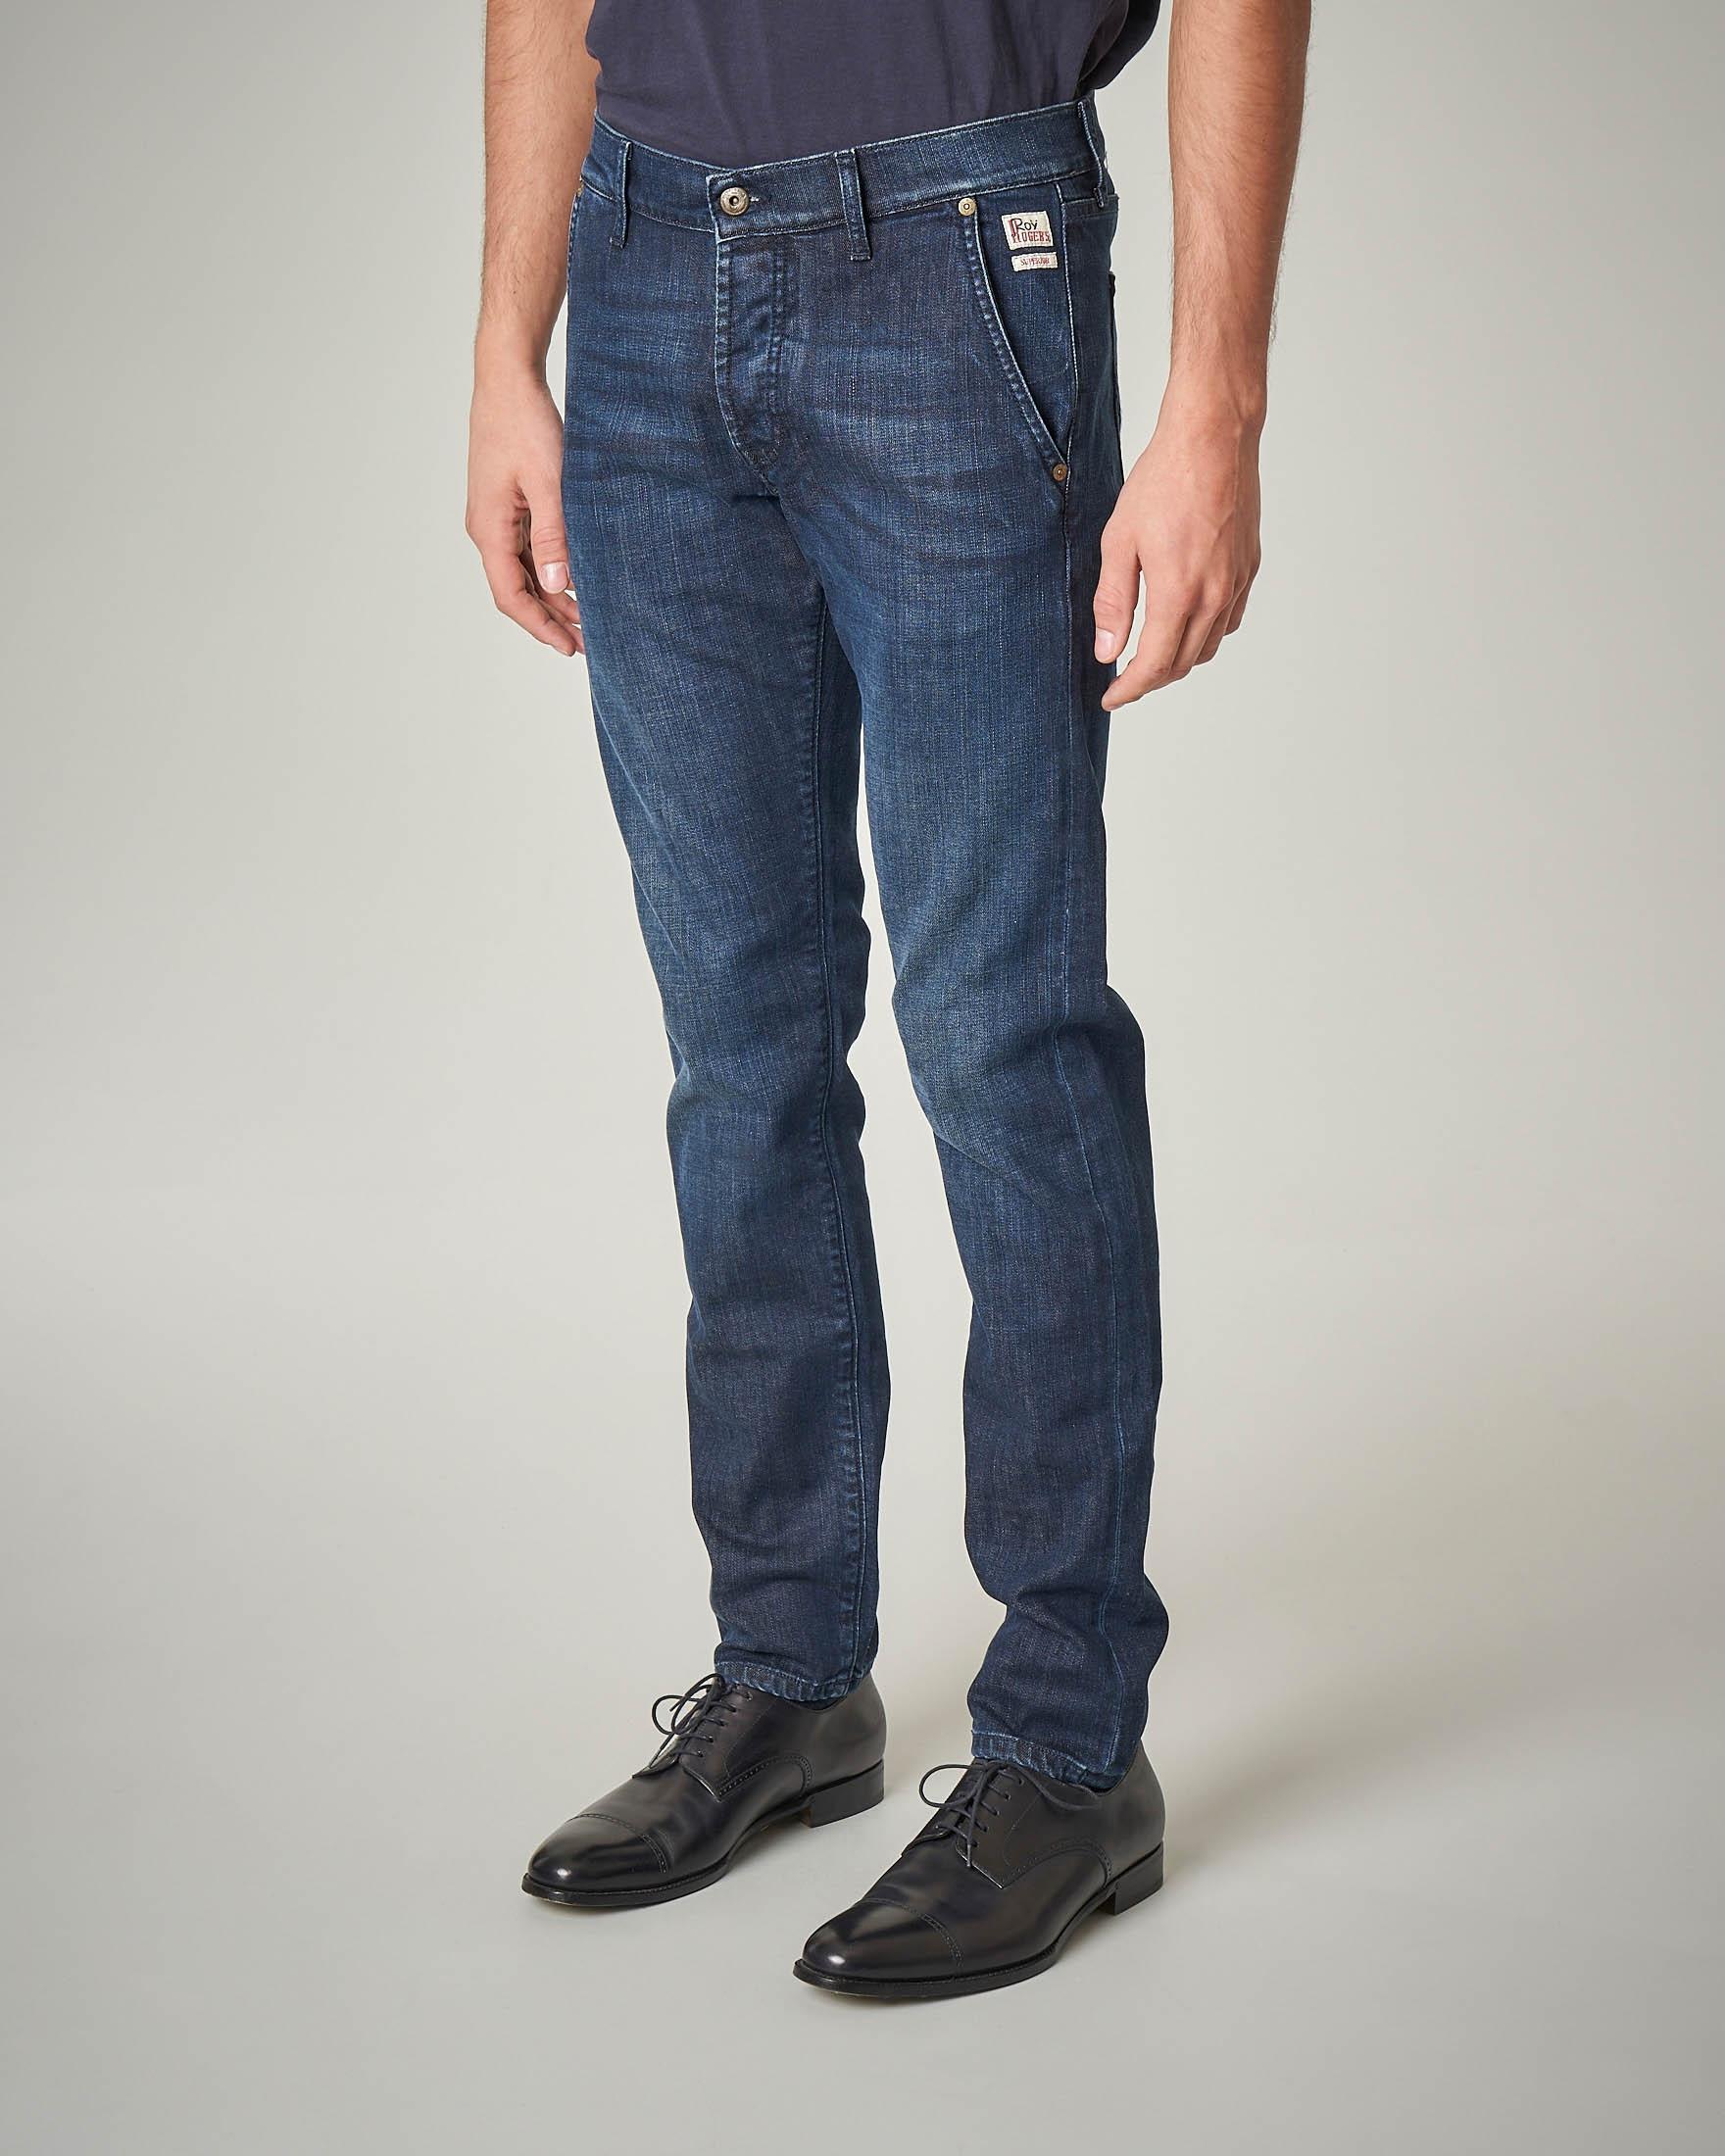 Jeans lavaggio medio-scuro tasca america